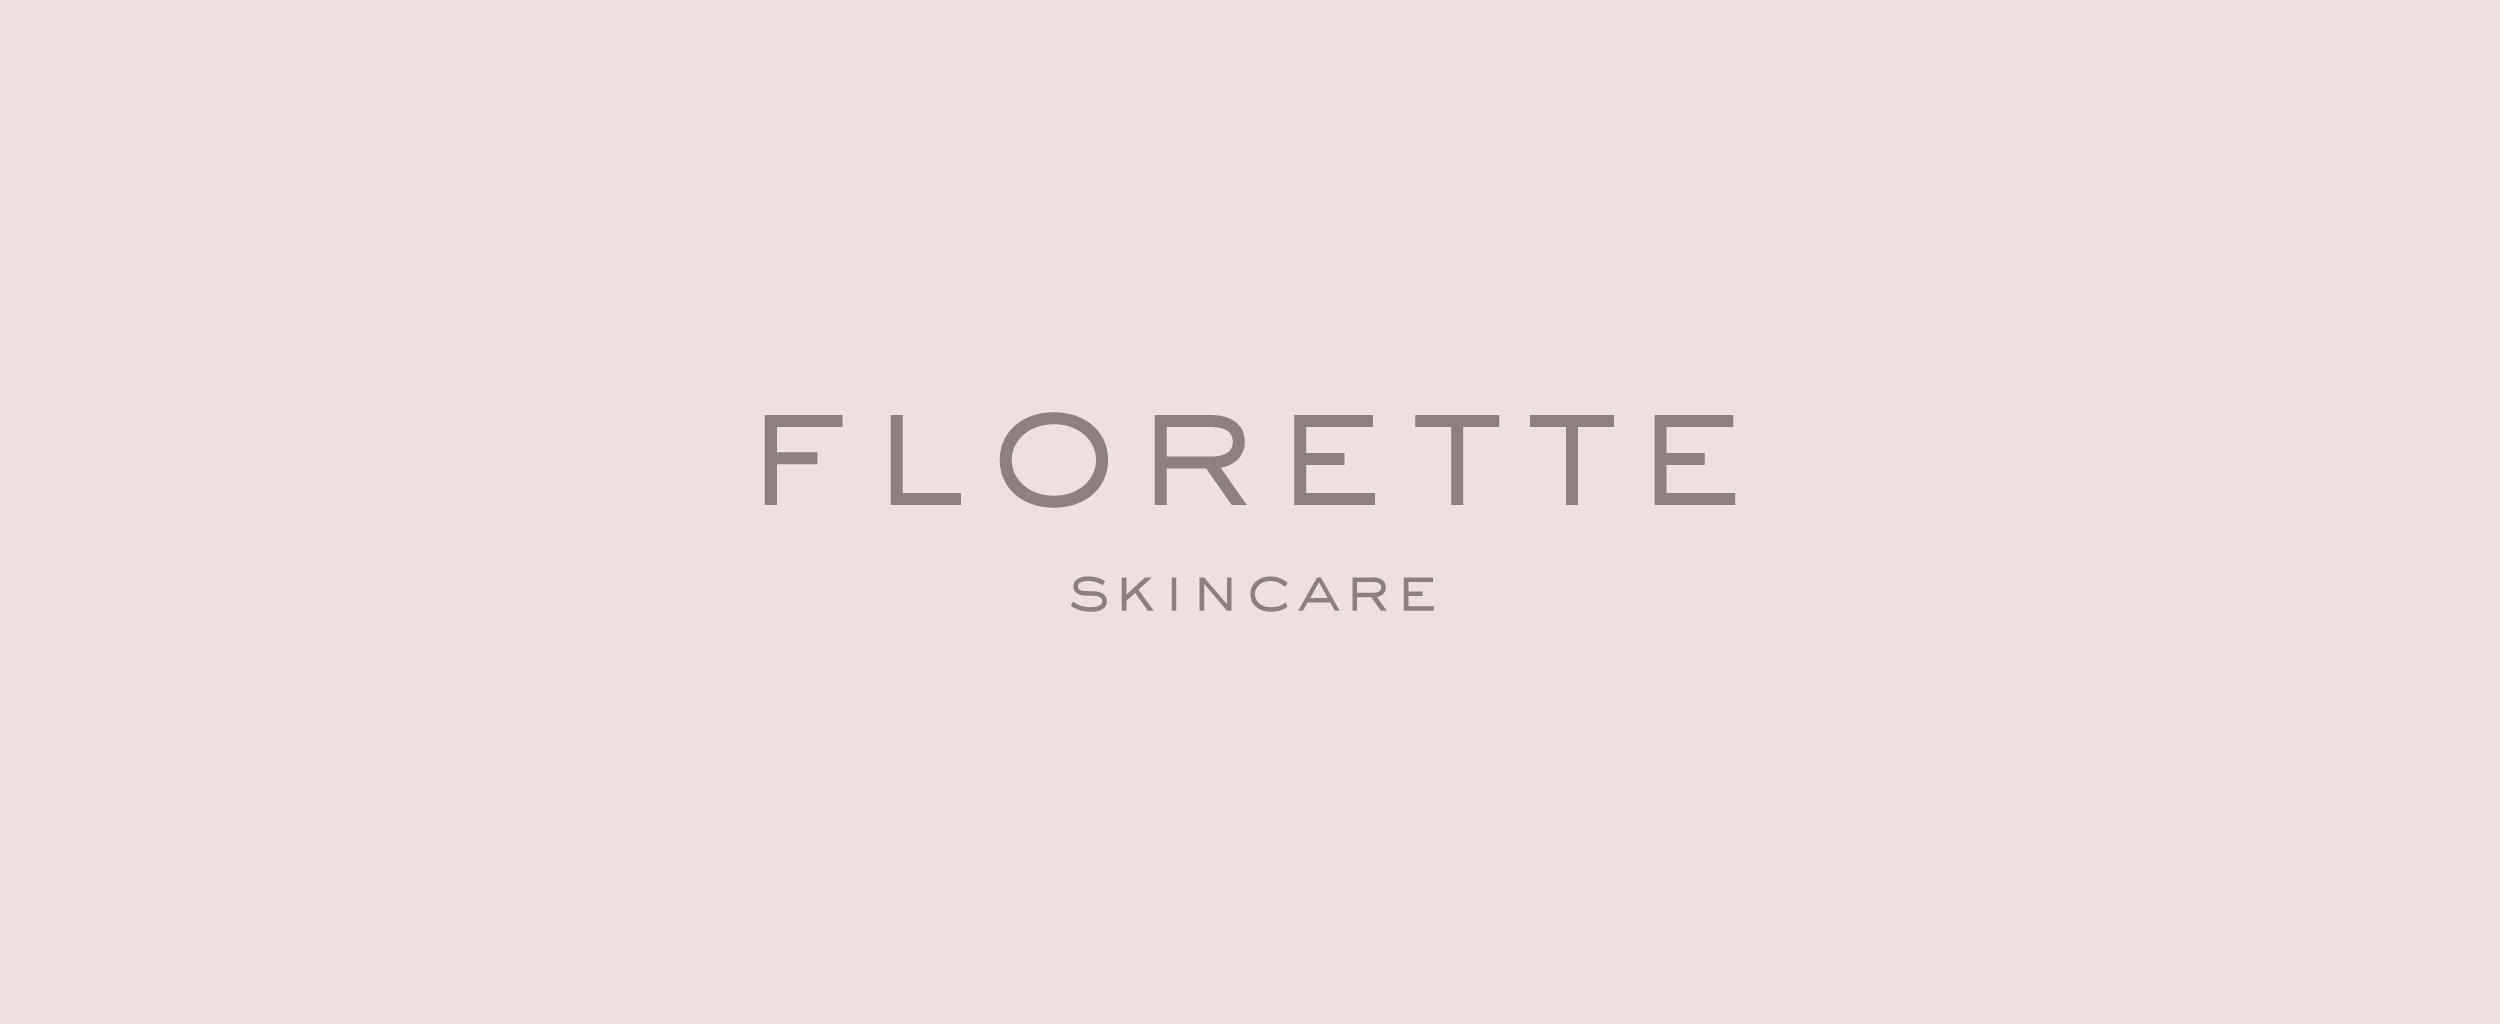 Florette_Skincare52.png